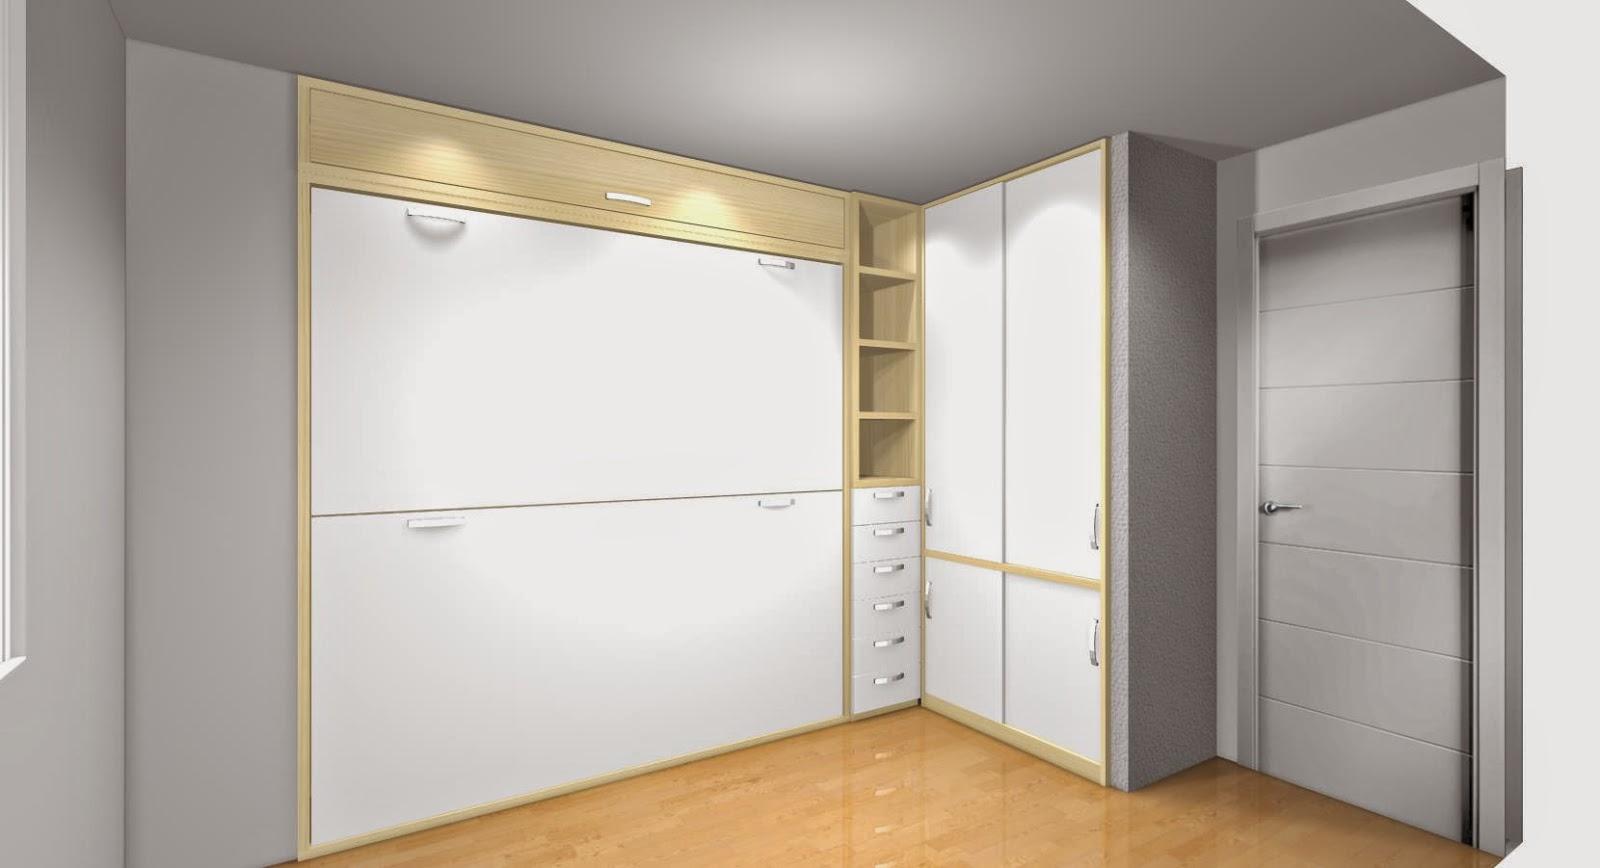 Literas abatibles una apuesta segura para ahorrar espacio - Armarios de dormitorio merkamueble ...